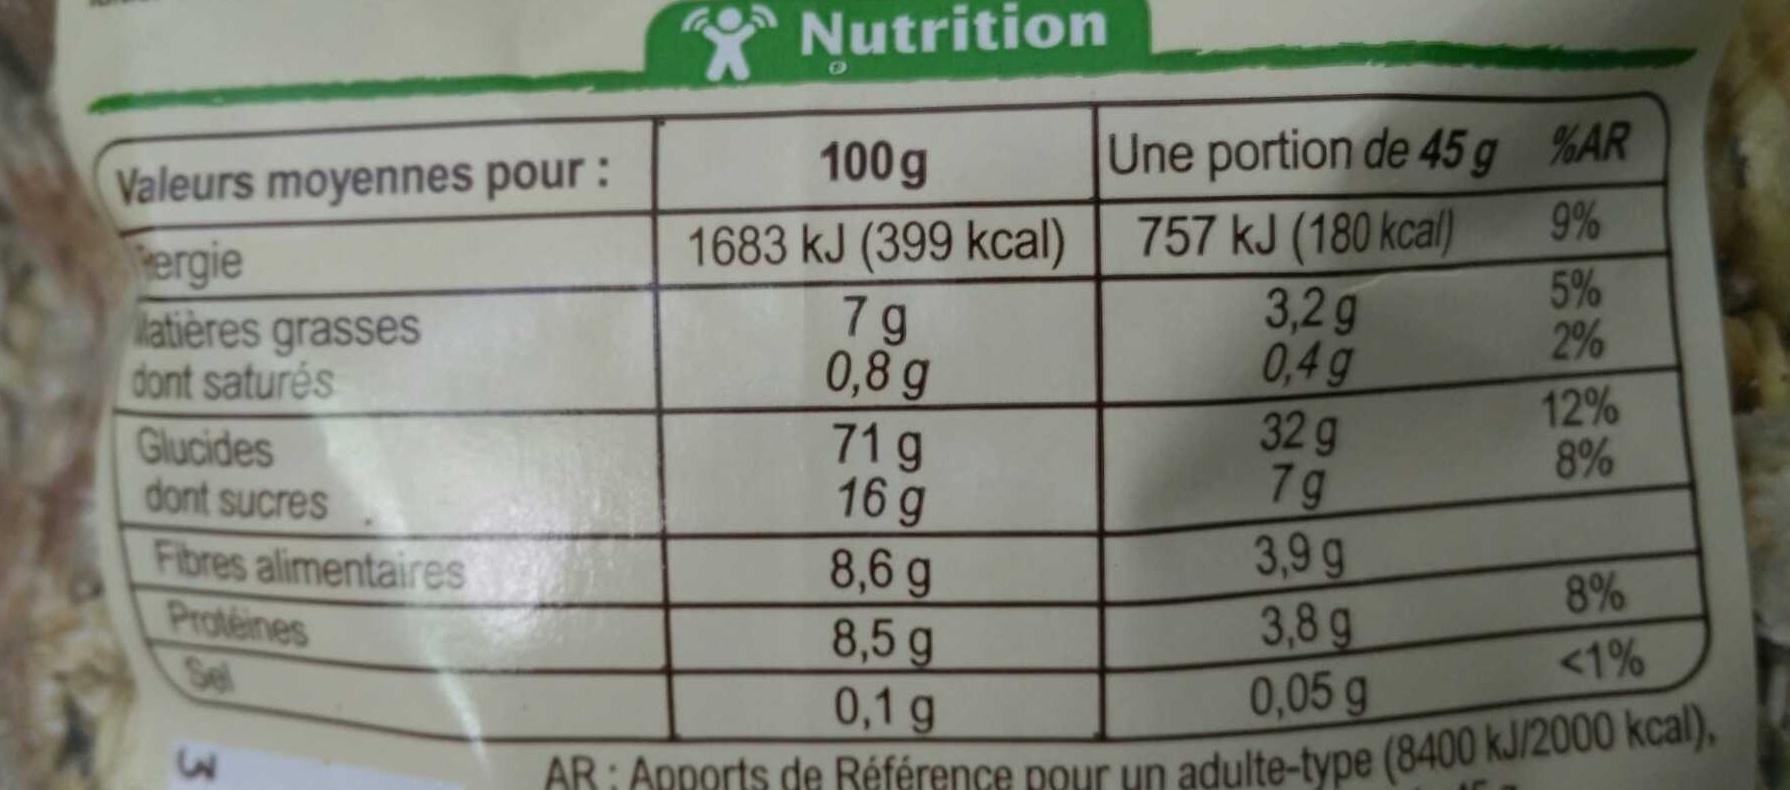 Muesli floconneux raisins noisettes amandes - Informations nutritionnelles - fr